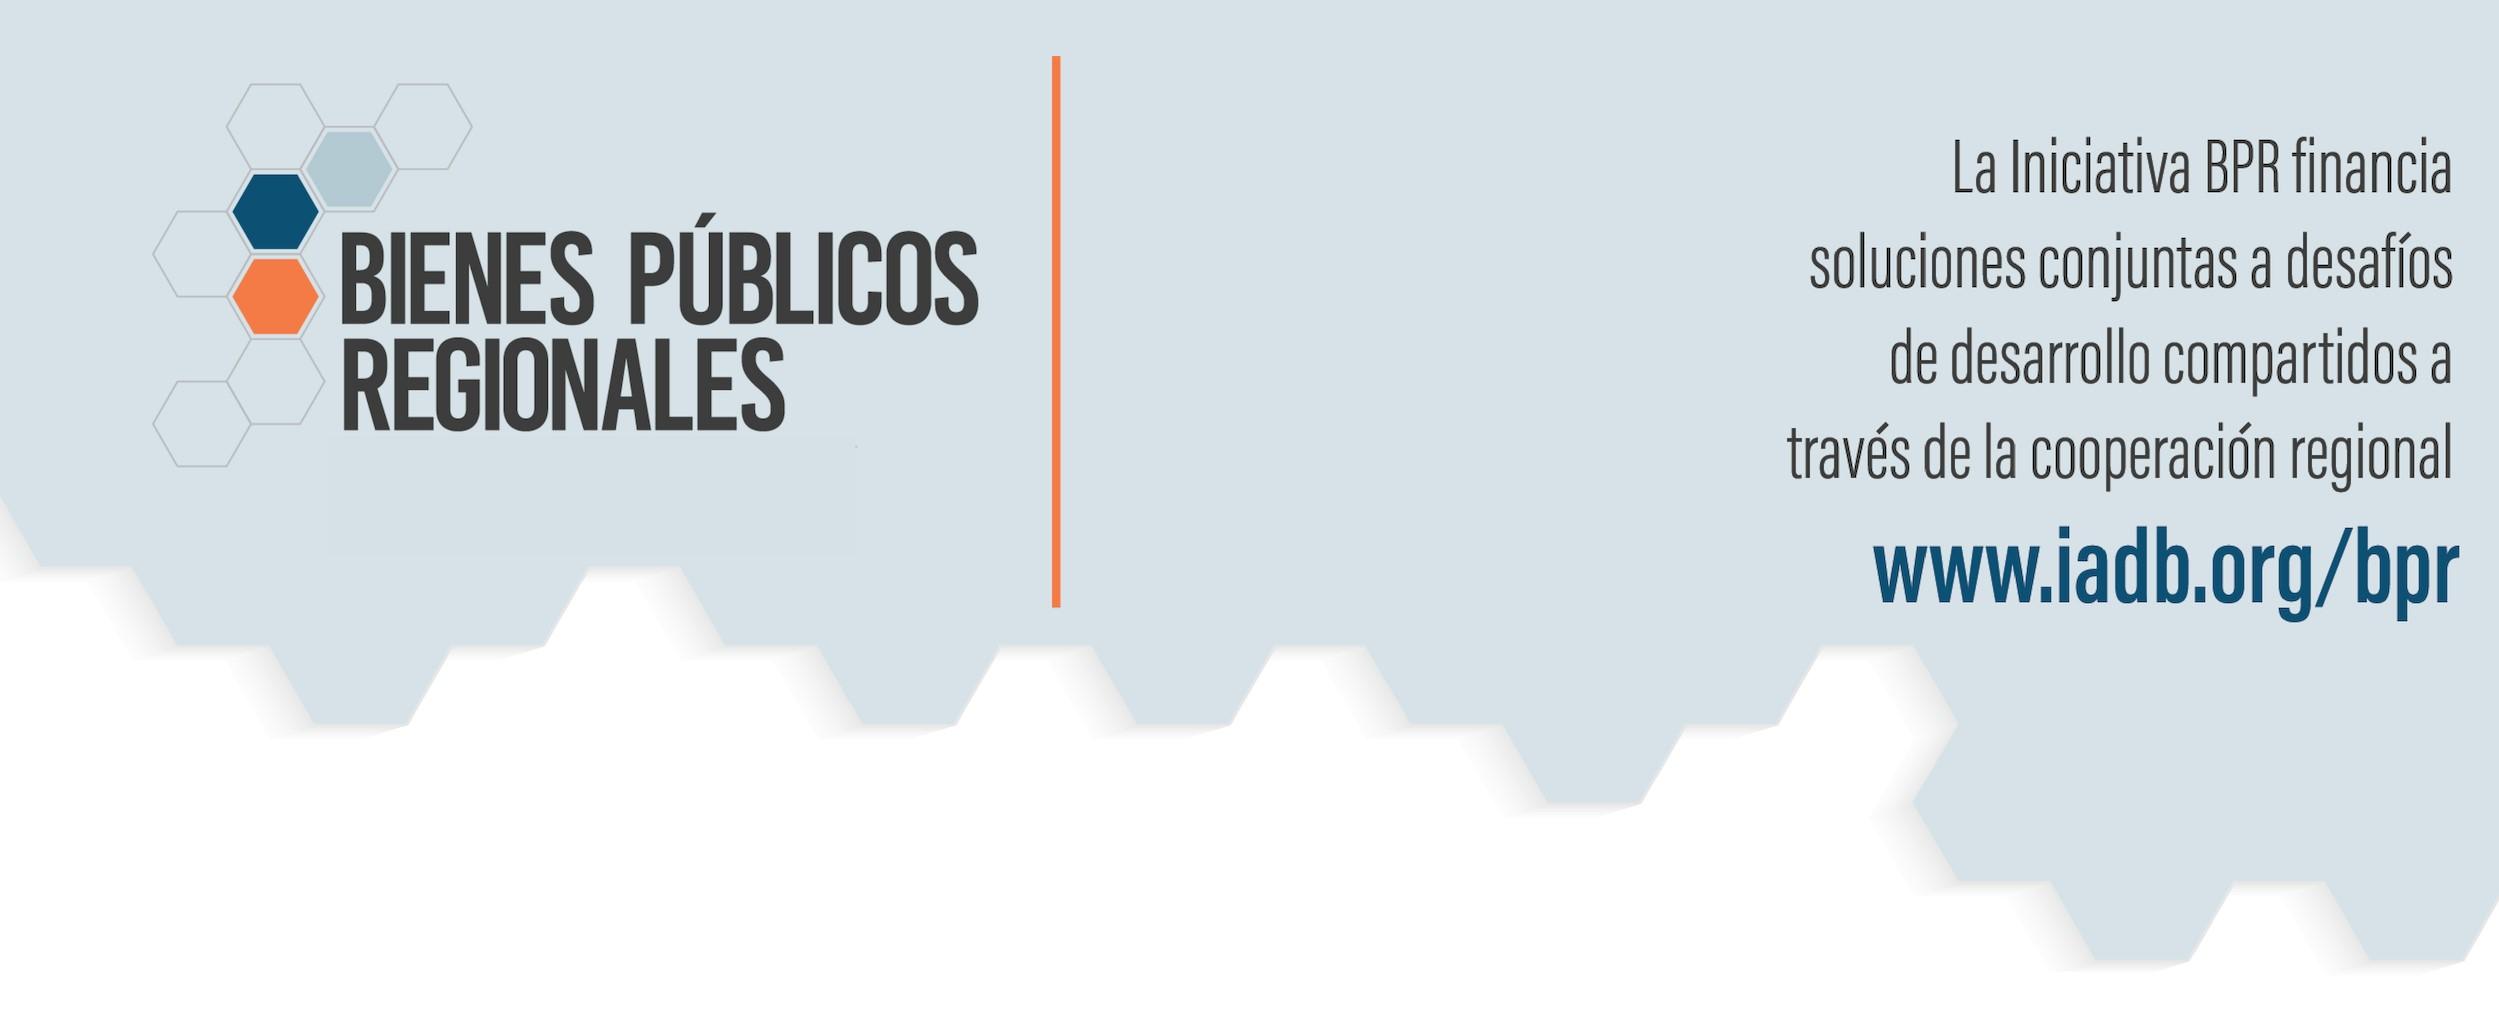 Bienes Públicos Regionales